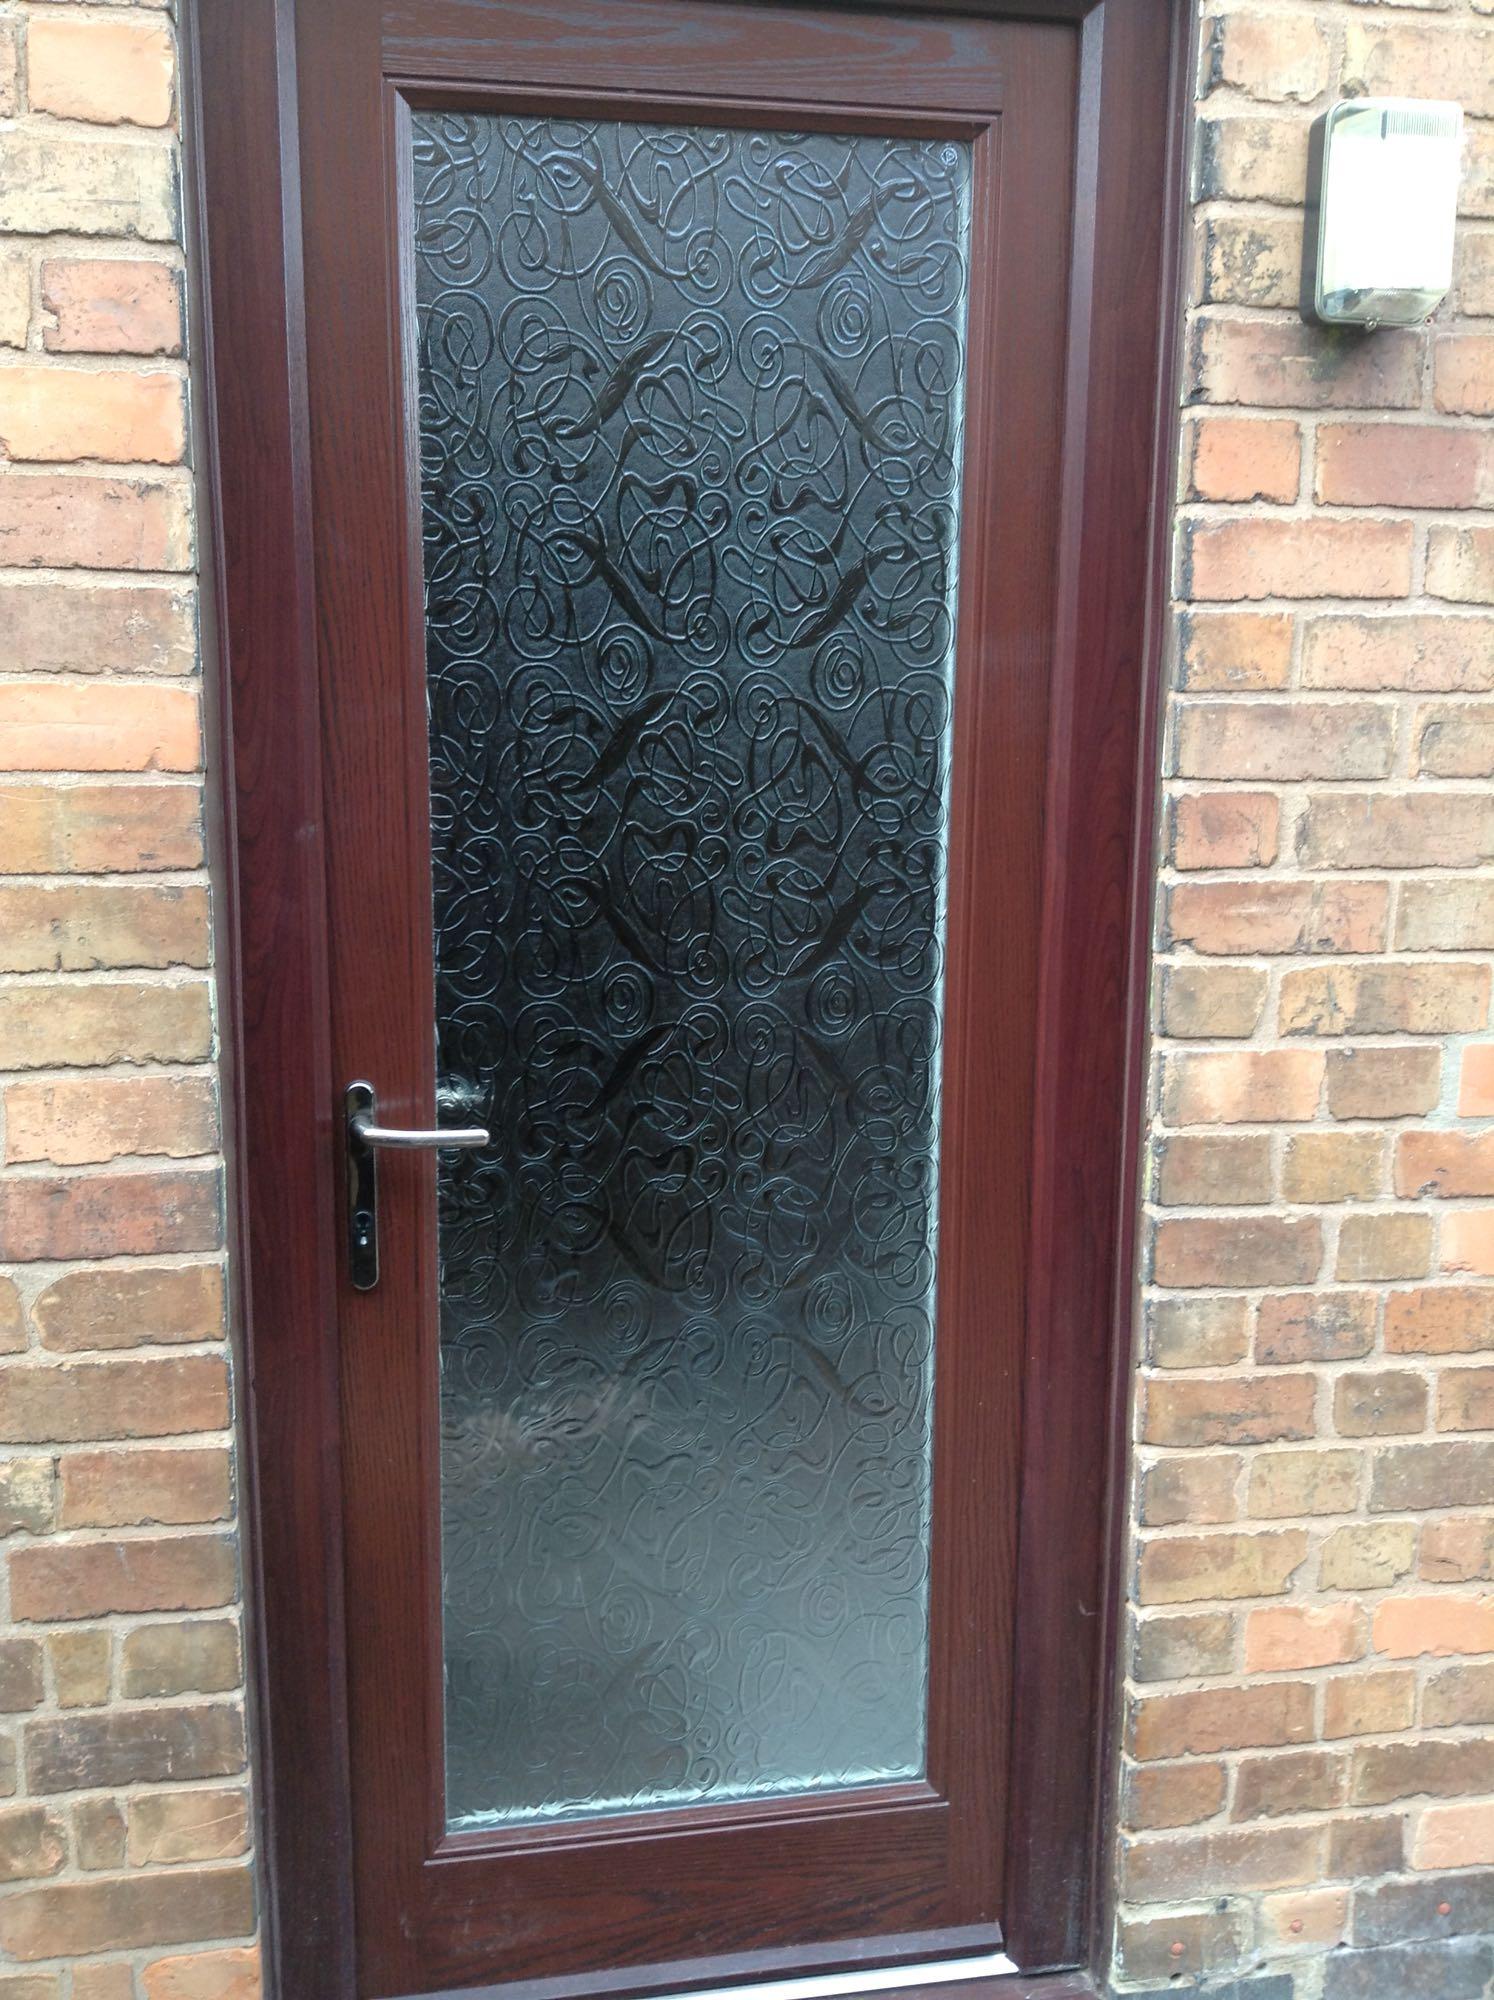 Upvc exterior door for sale in uk view 62 bargains for Upvc front doors for sale